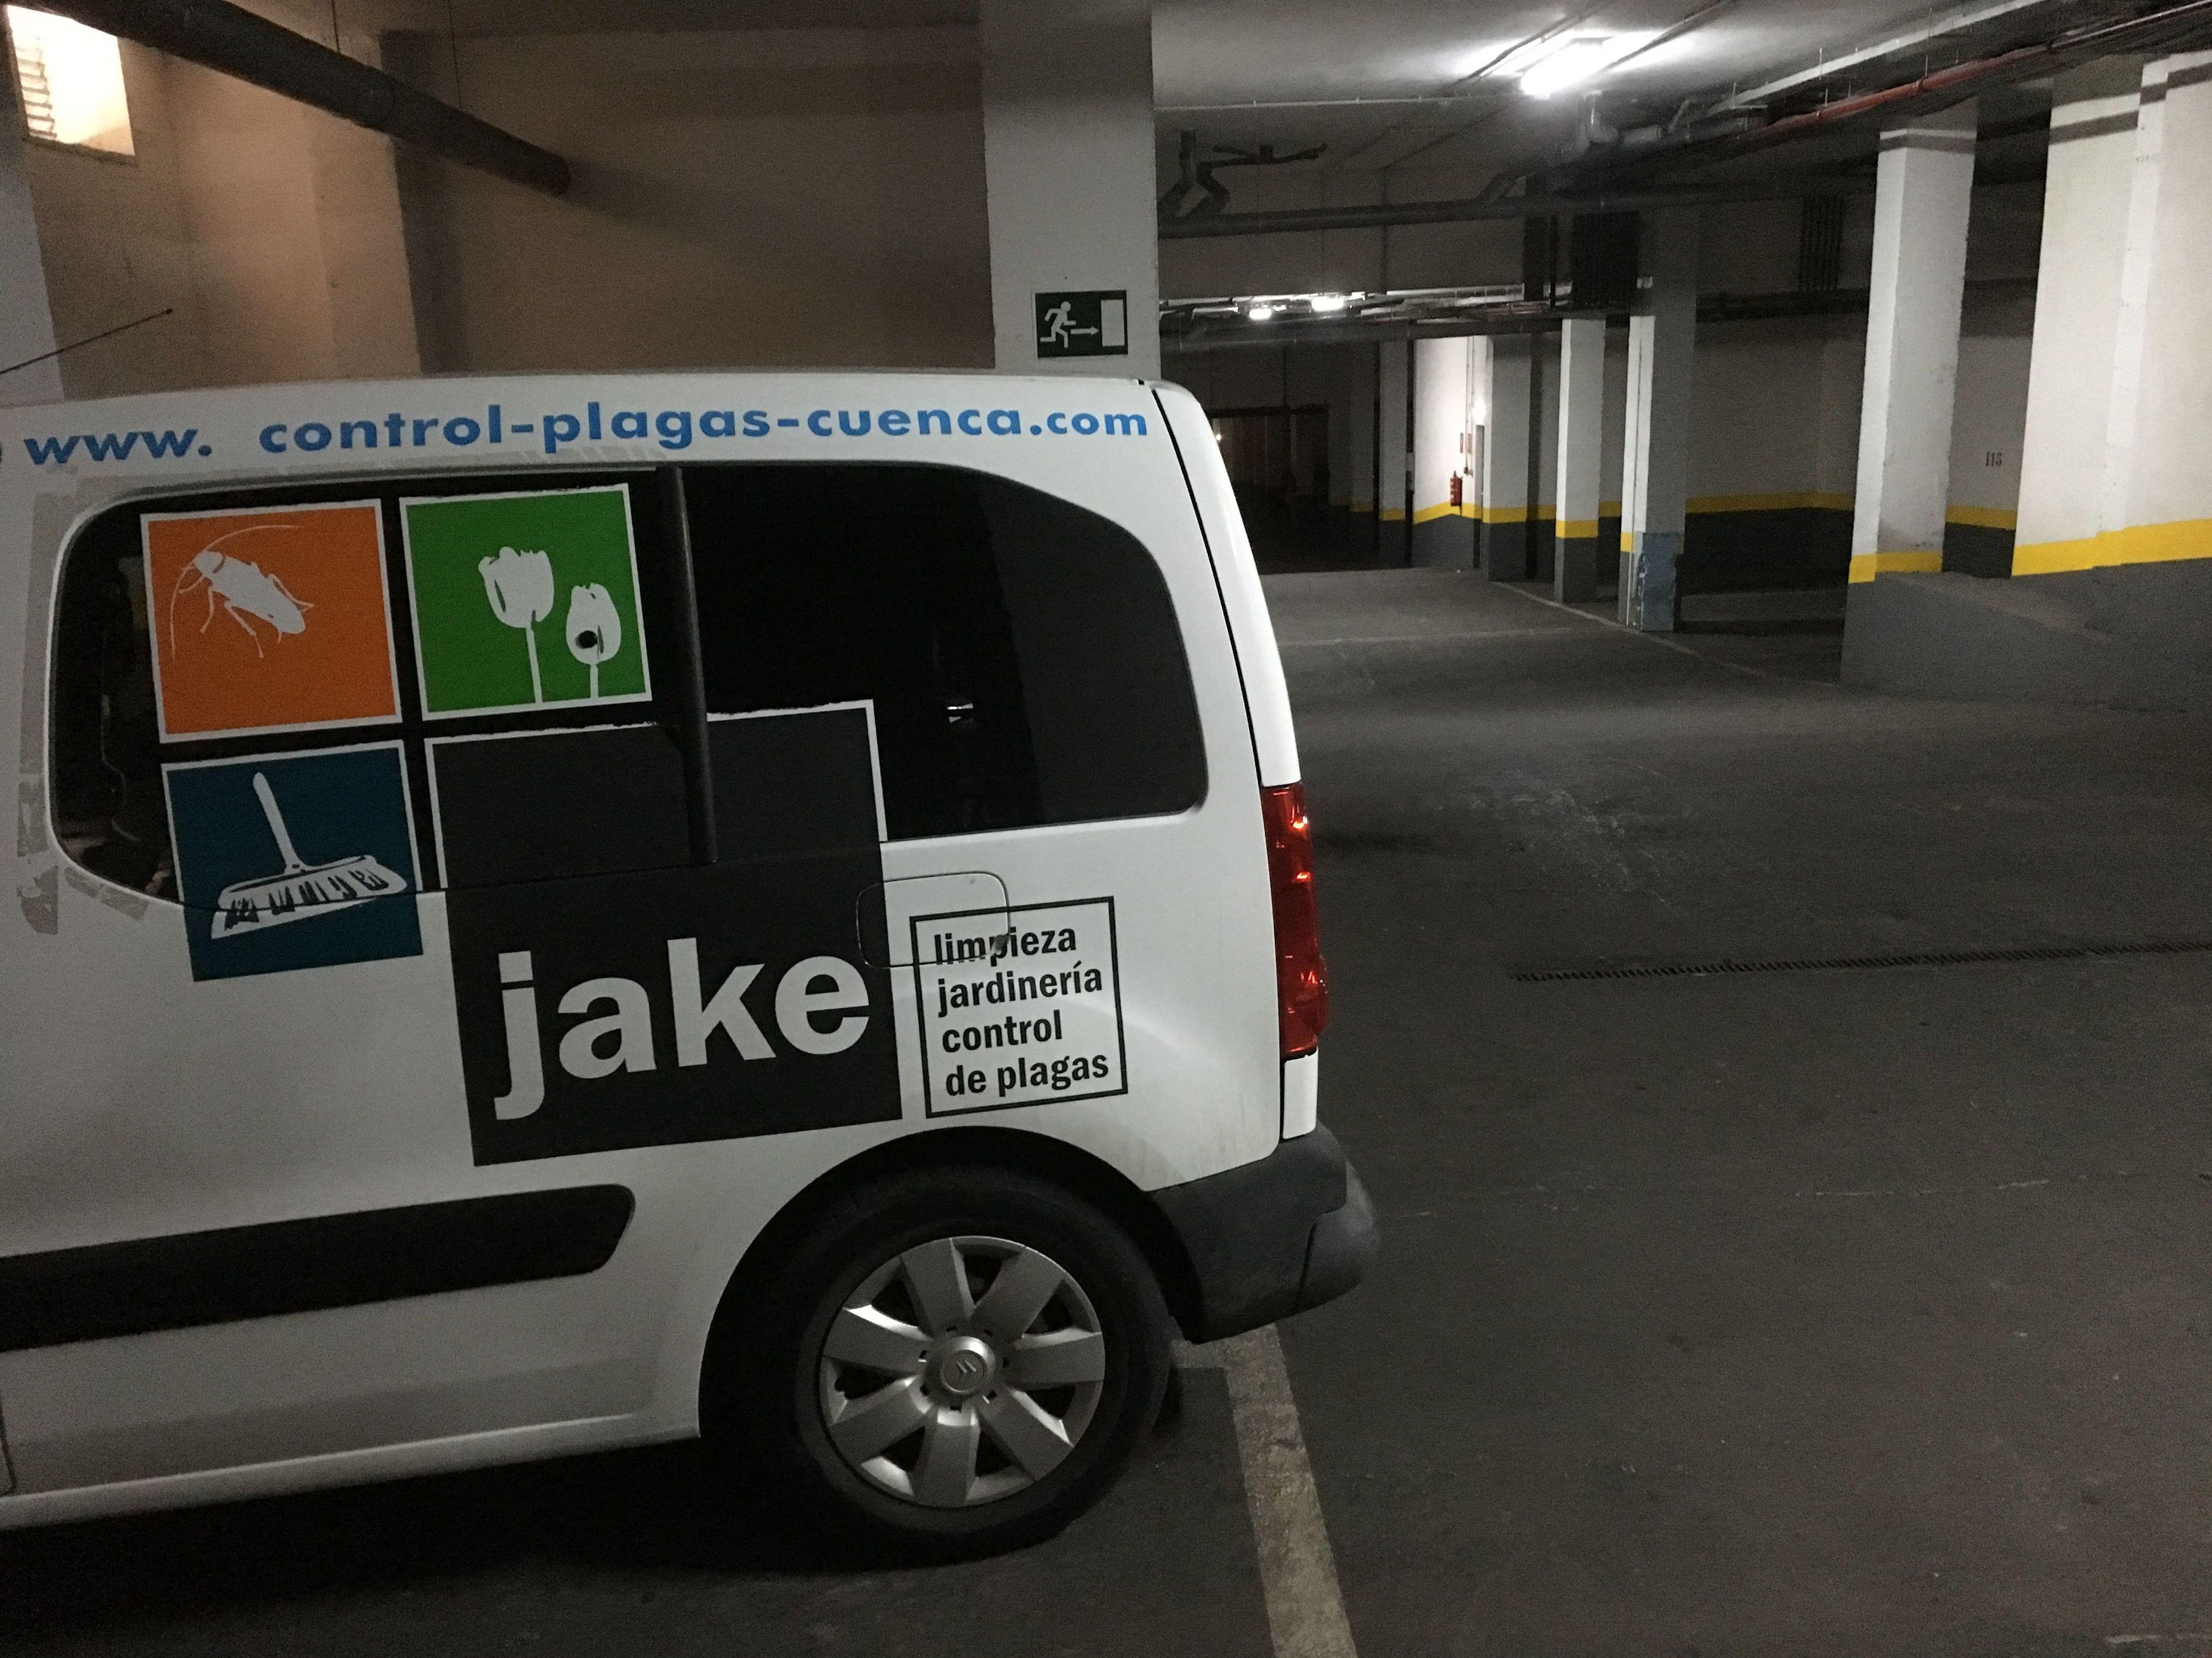 Foto 8 de Desinfección, desinsectación y desratización en Cuenca | Limpiezas y Control de Plagas Jake